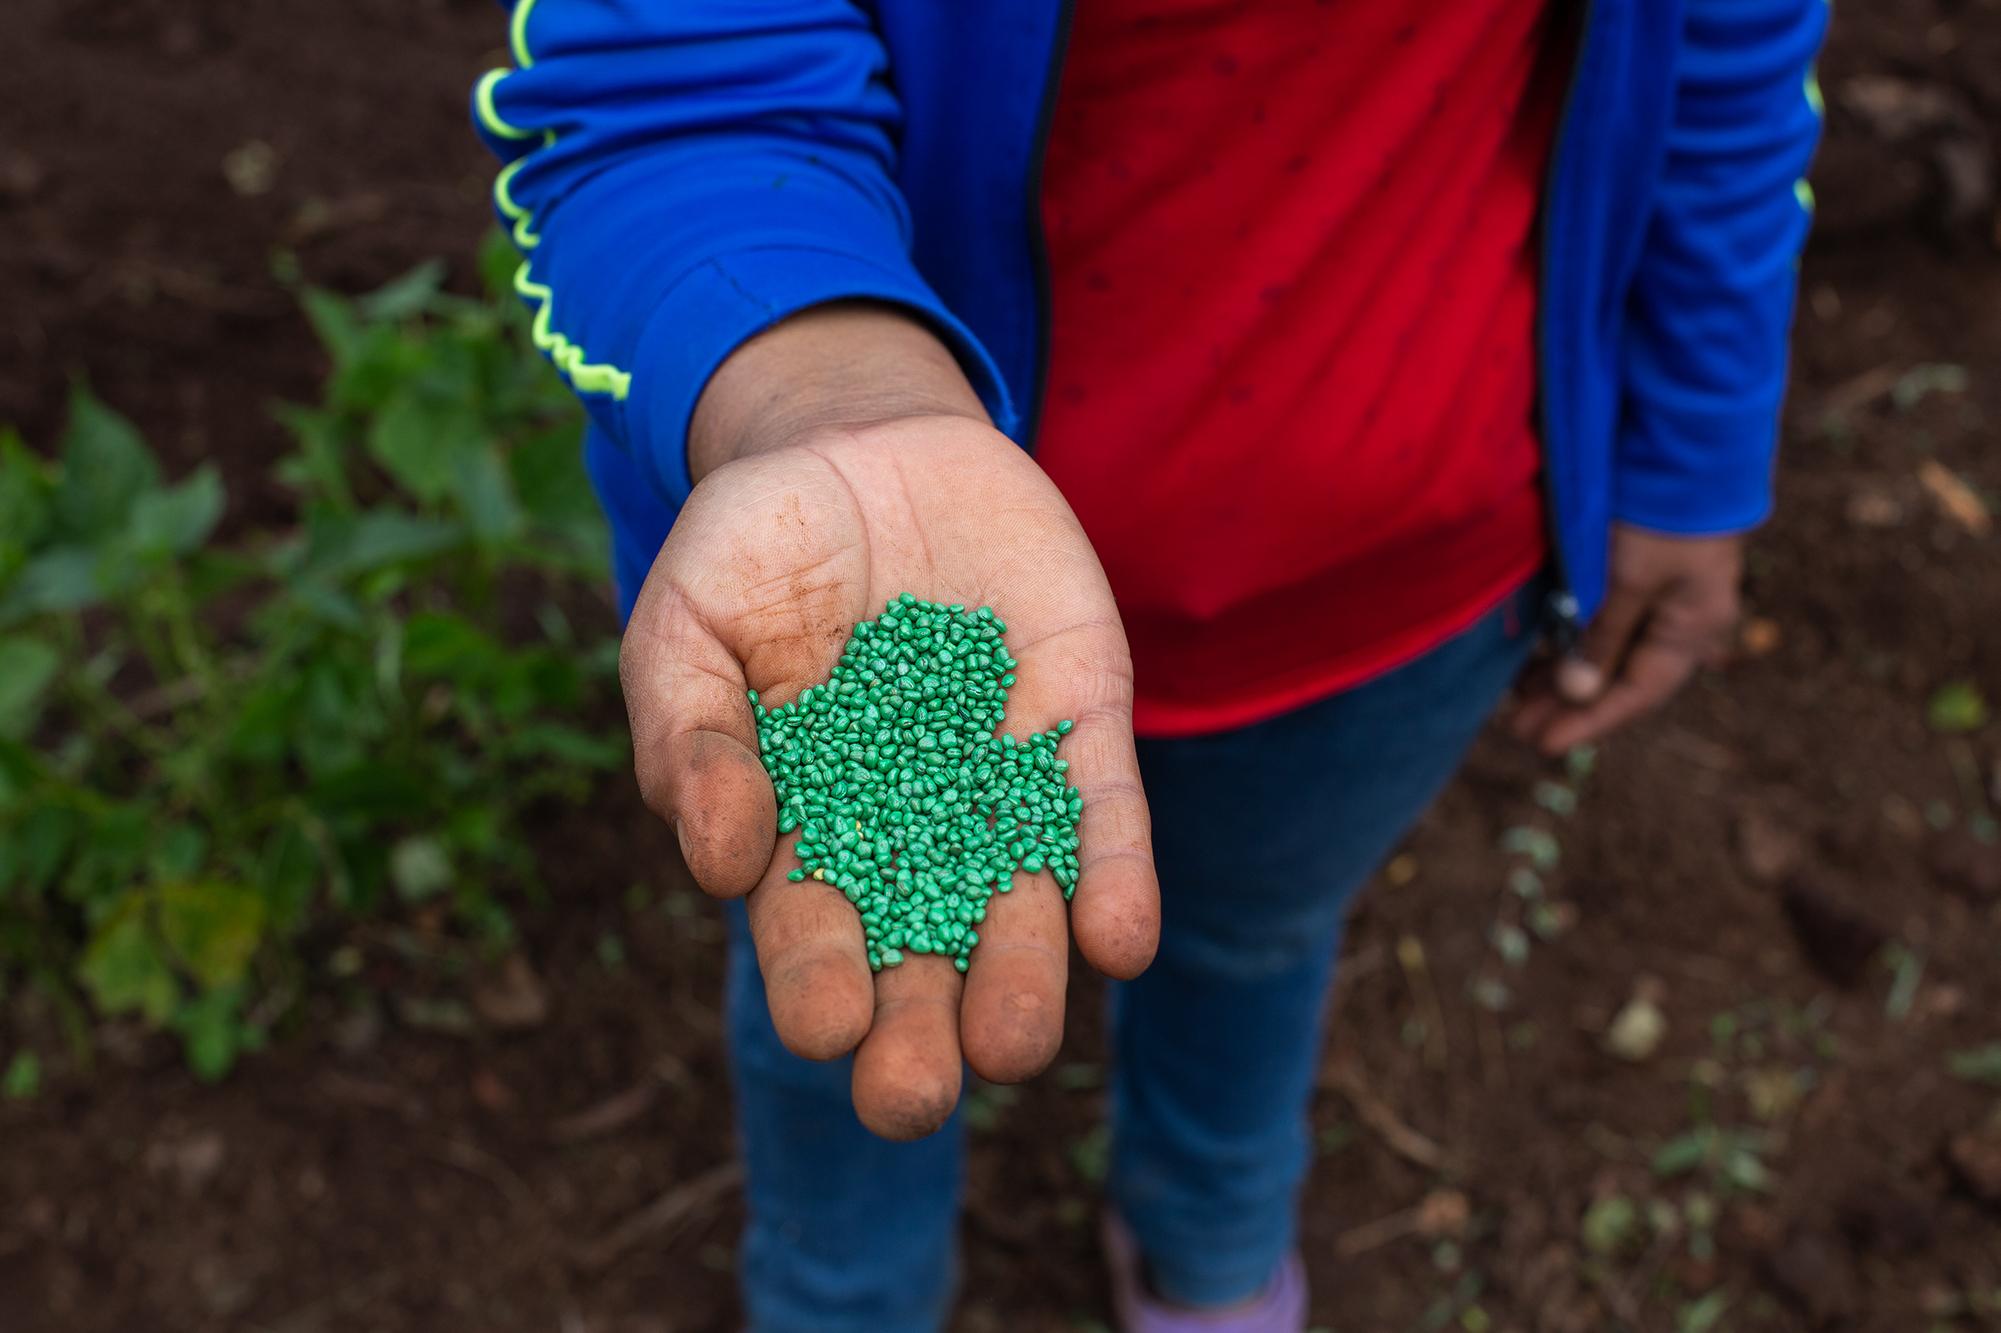 Una mujer muestra semillas de rábano que siembra en una hortaliza donde trabajan hombres y mujeres por igual. Santa Elena, La Paz, 21 de octubre de 2020. Foto: Martín Cálix.